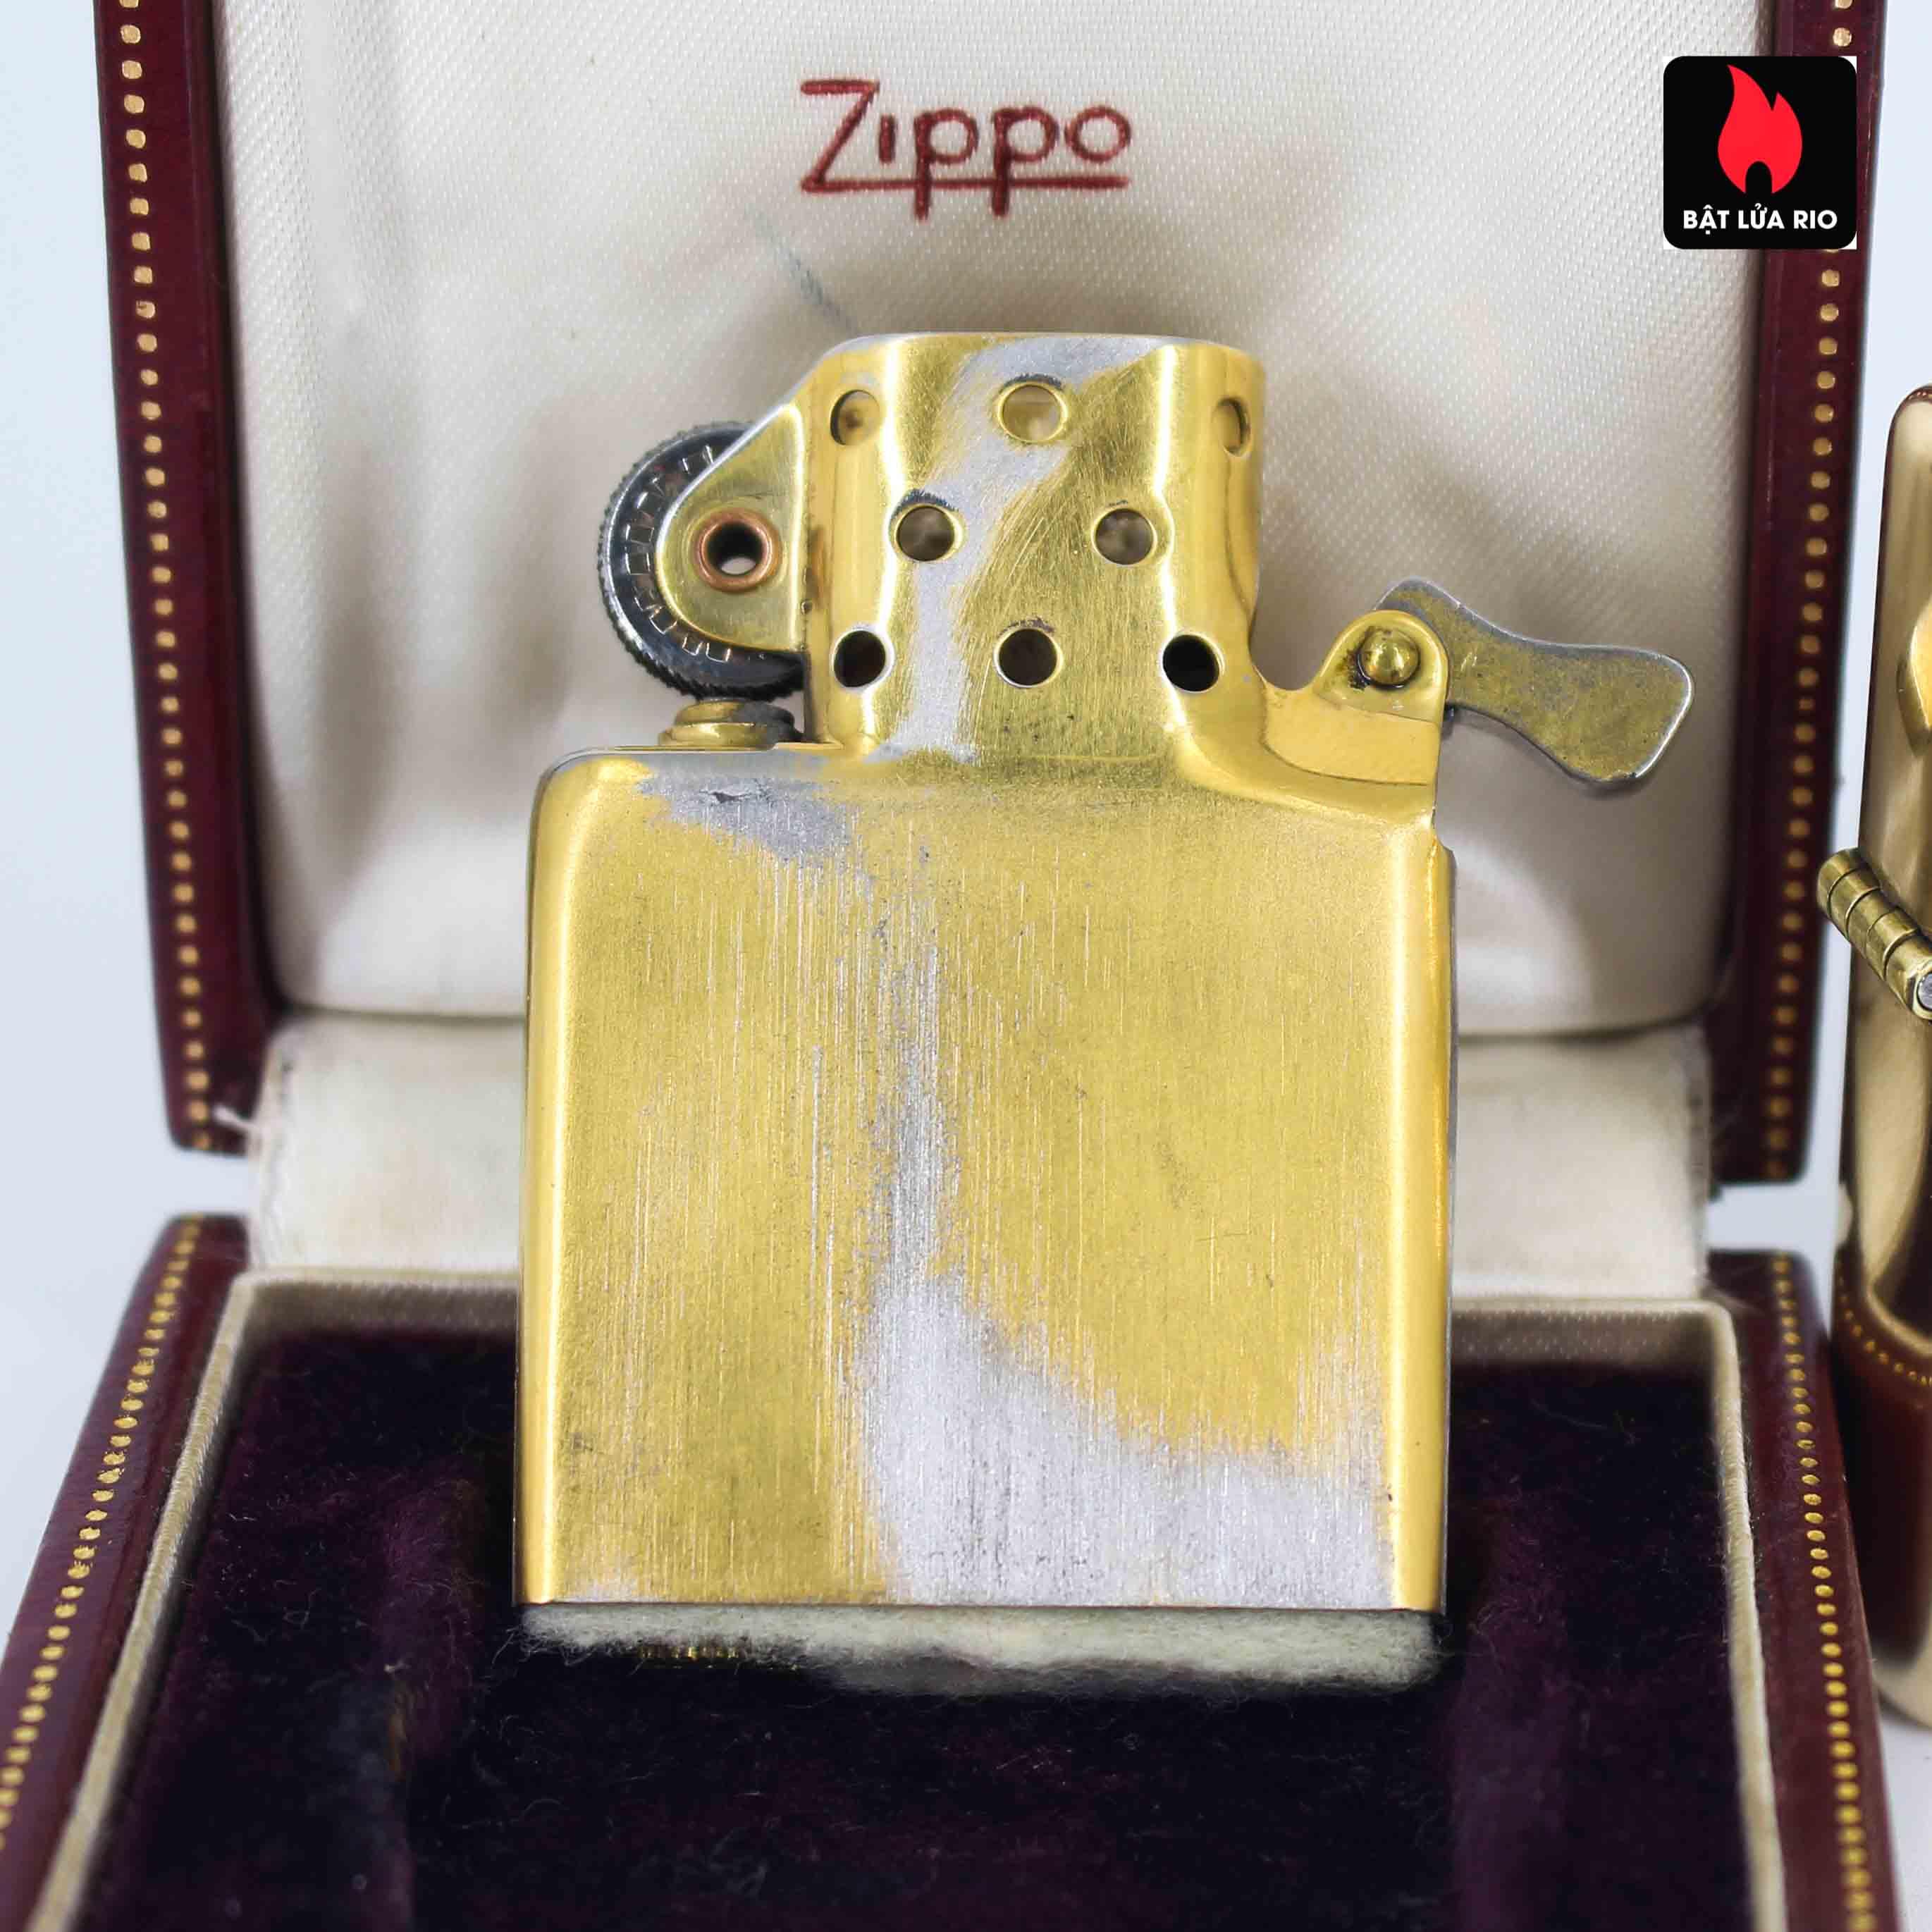 Hiếm - Zippo 1950s - Solid Gold 14k - Vàng Nguyên Khối 14k 10